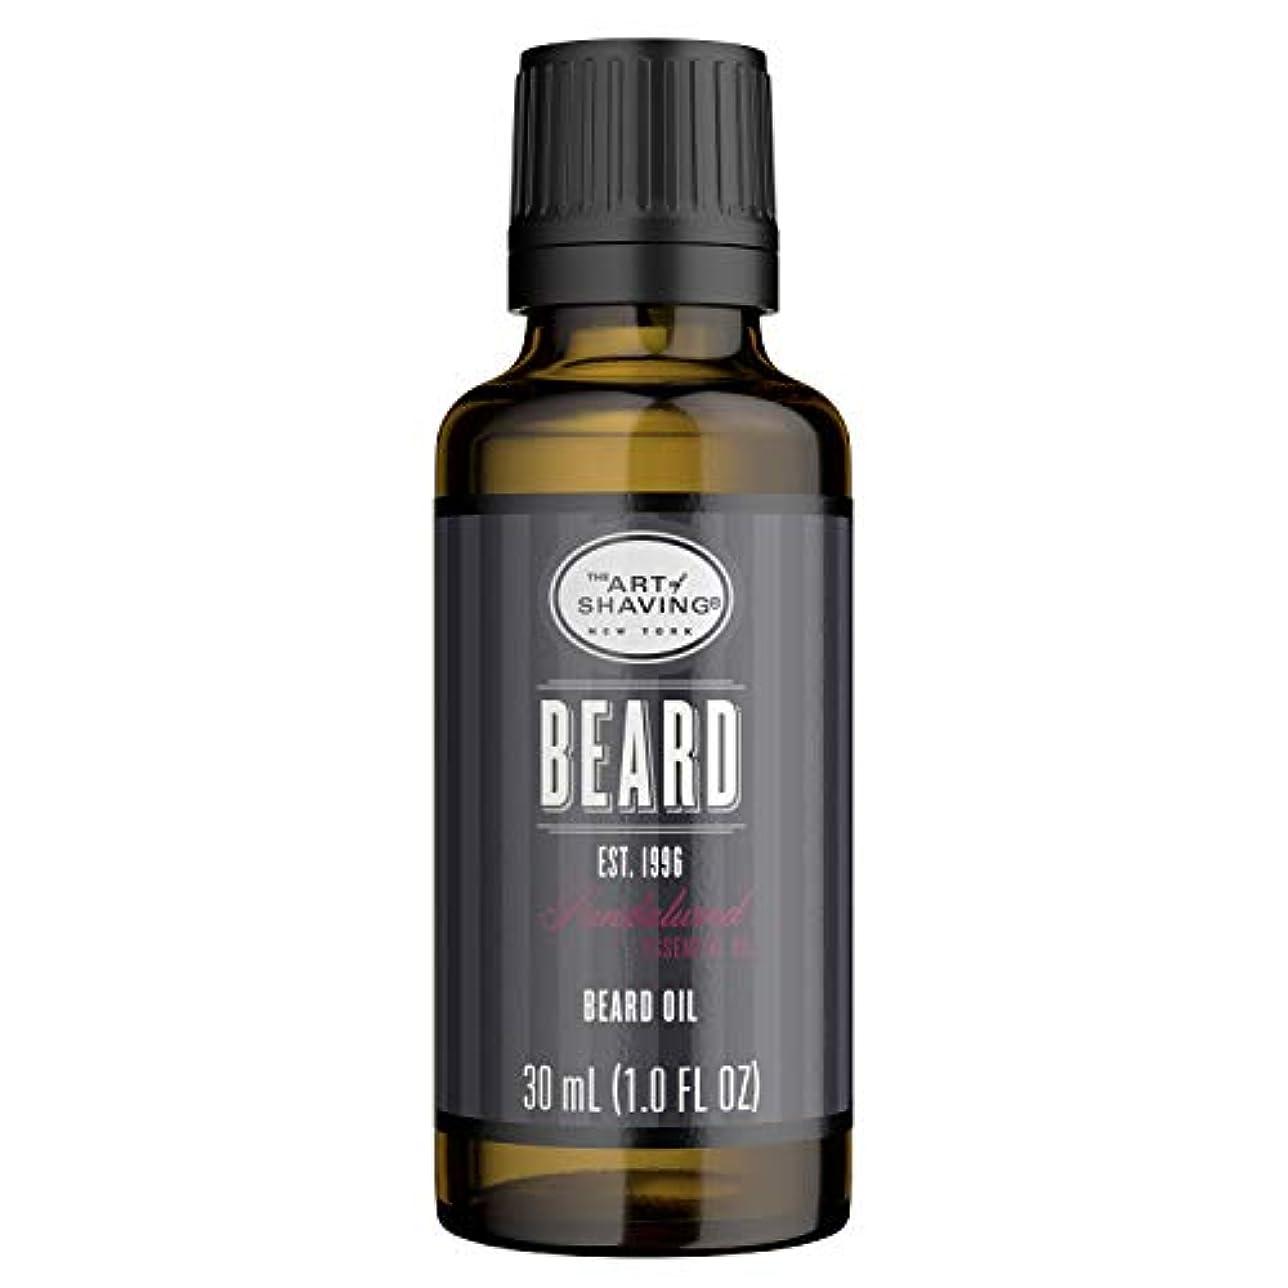 平野スタジアムアフリカアートオブシェービング Beard Oil - Sandalwood Essential Oil 30ml/1oz並行輸入品